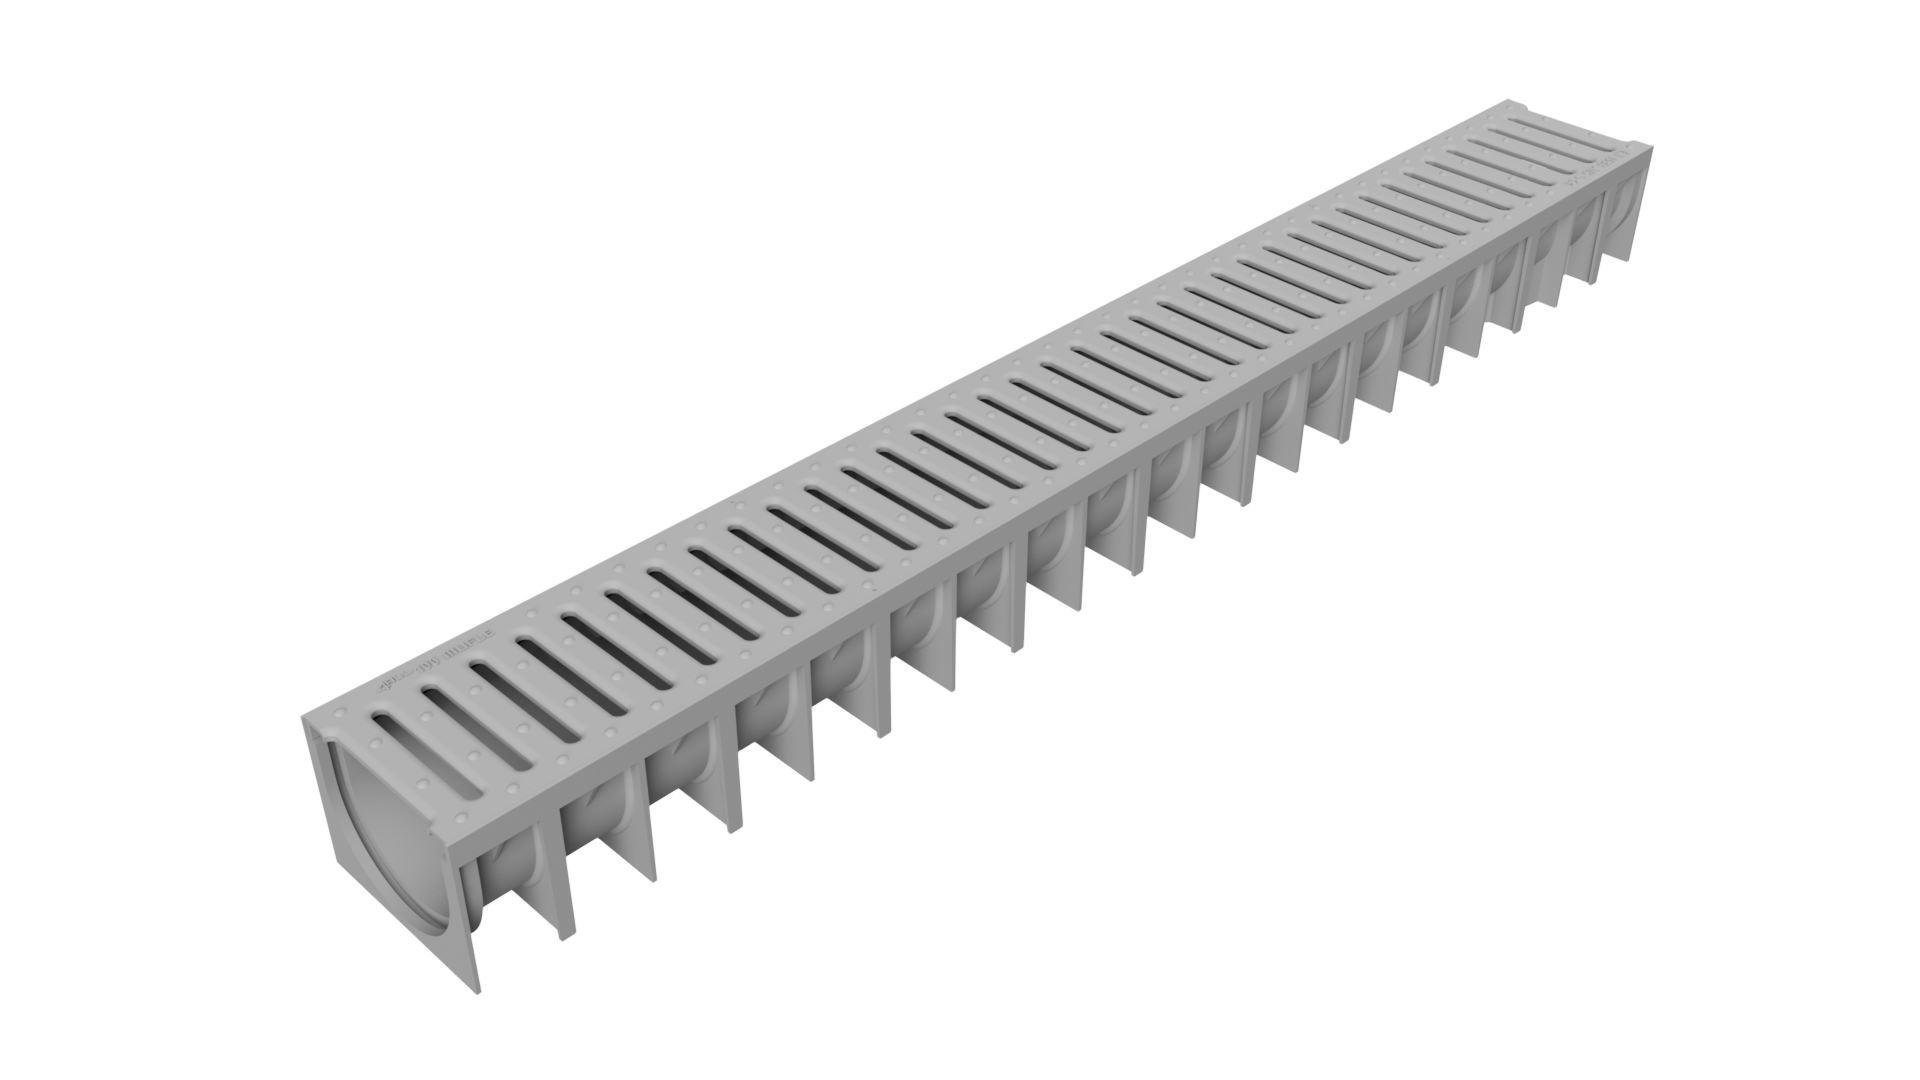 Render del canal MUFLE 4ALL H92 en polipropileno gris con reja pasarela de polipropileno alta densidad (HDPE) color gris clase de carga A15.